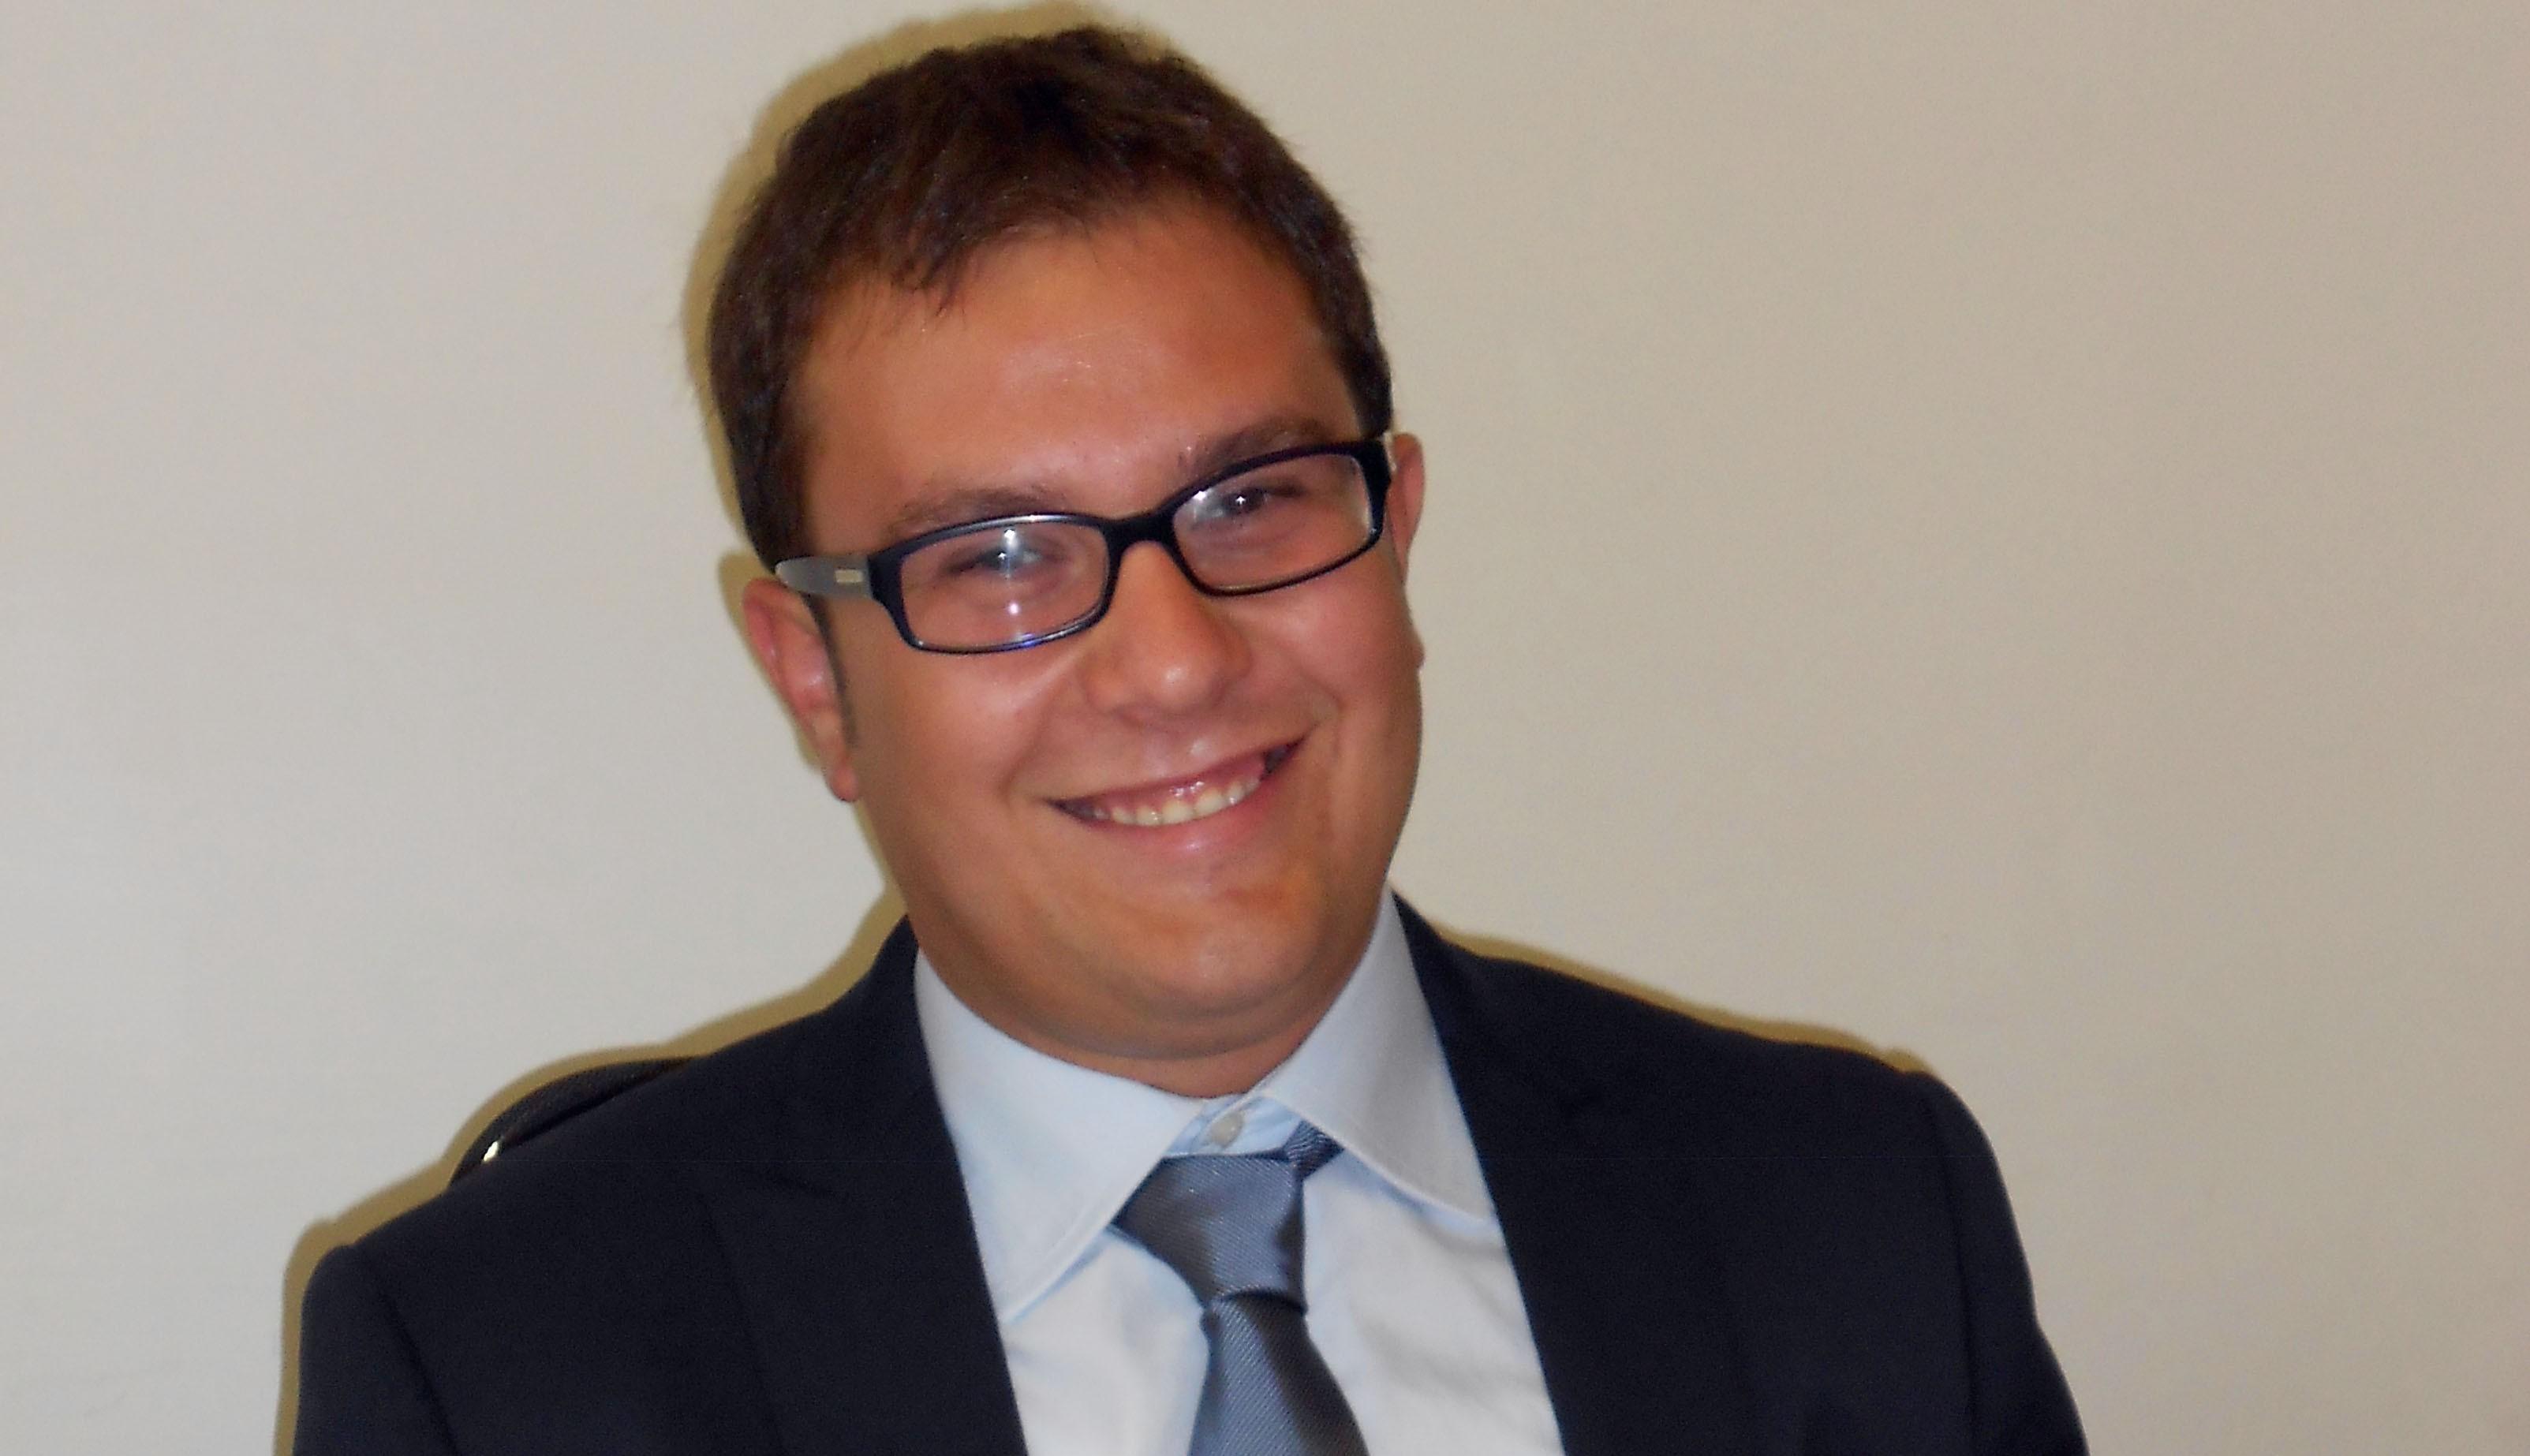 Emanuele Radano è il nuovo presidente del gruppo giovani Ance Salerno